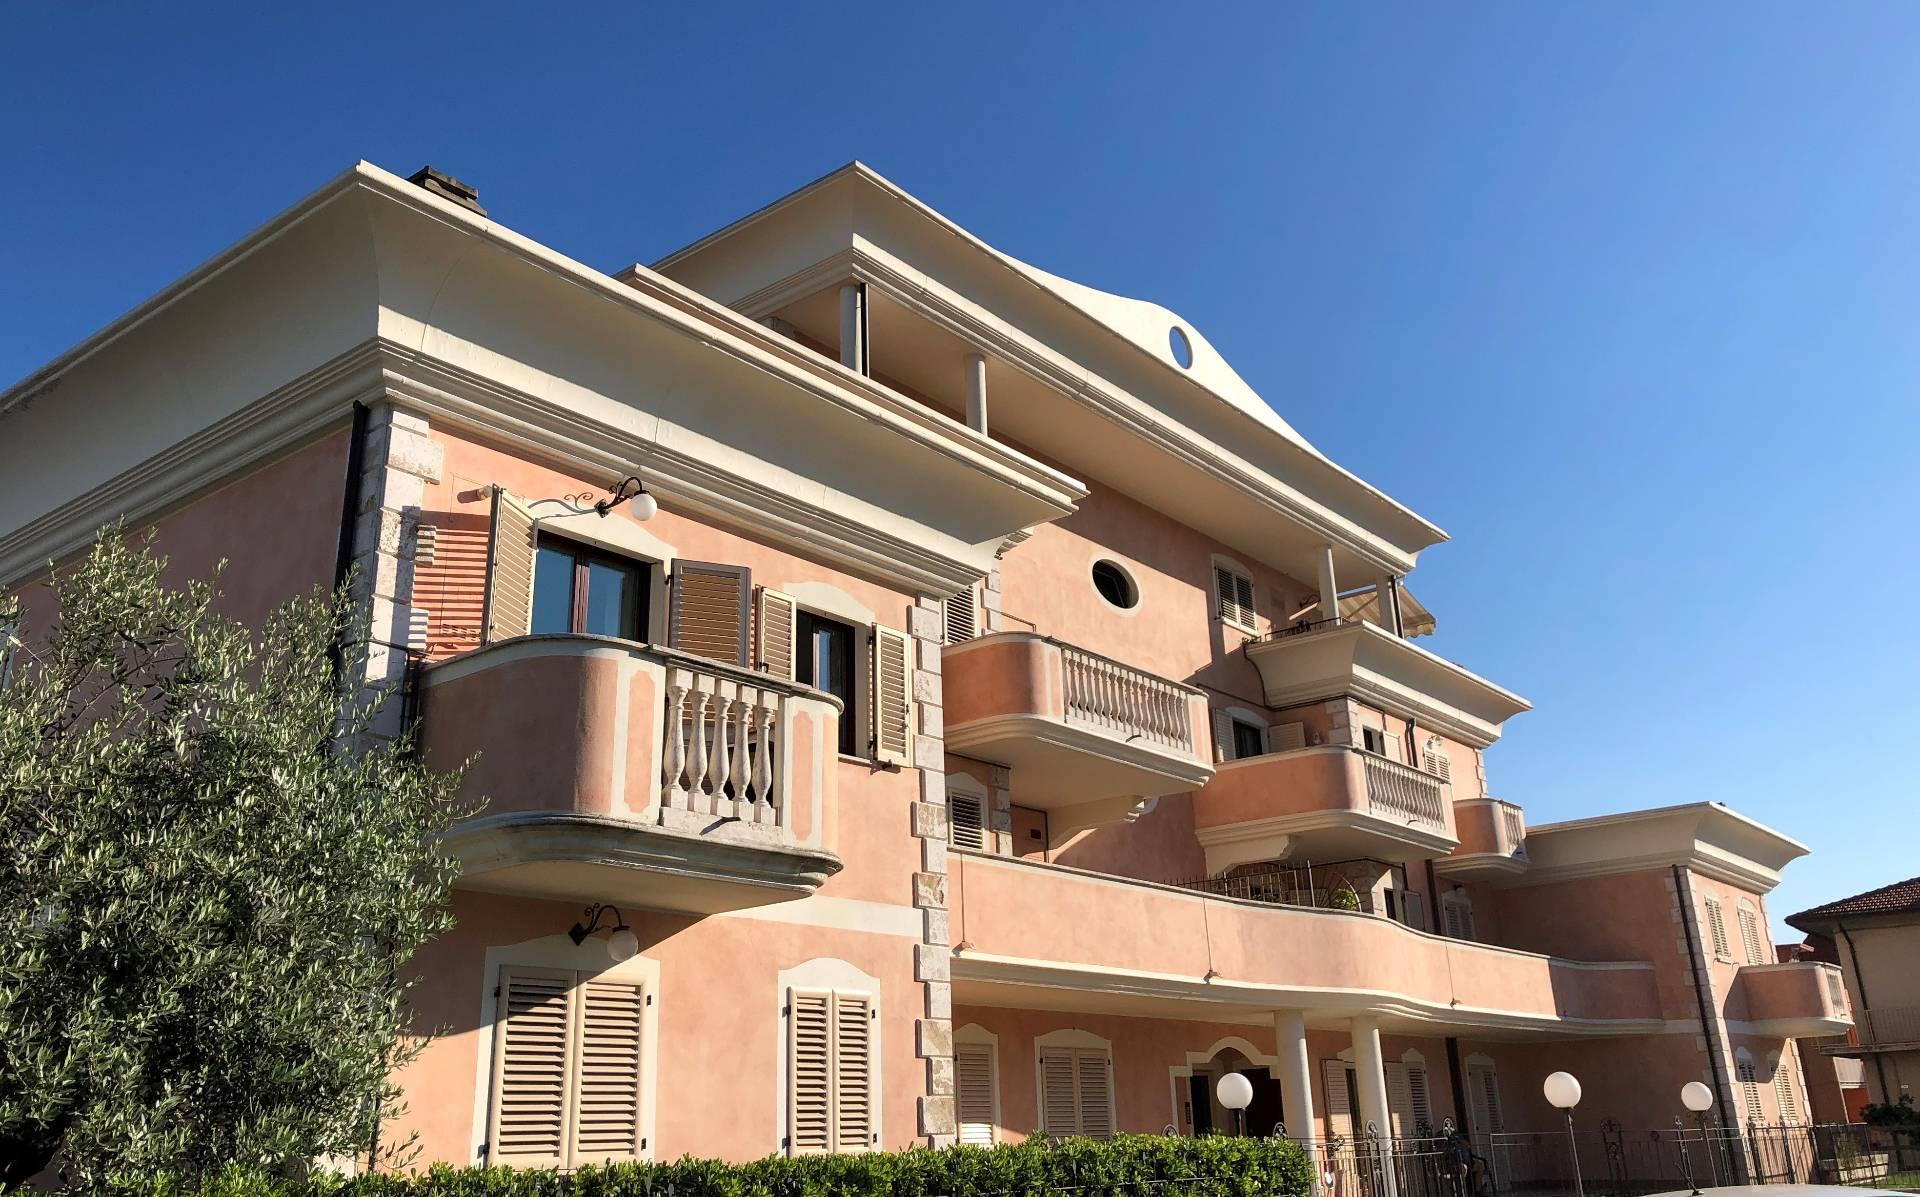 Attico / Mansarda in vendita a San Benedetto del Tronto, 4 locali, zona Località: PortodAscoli, prezzo € 240.000 | PortaleAgenzieImmobiliari.it